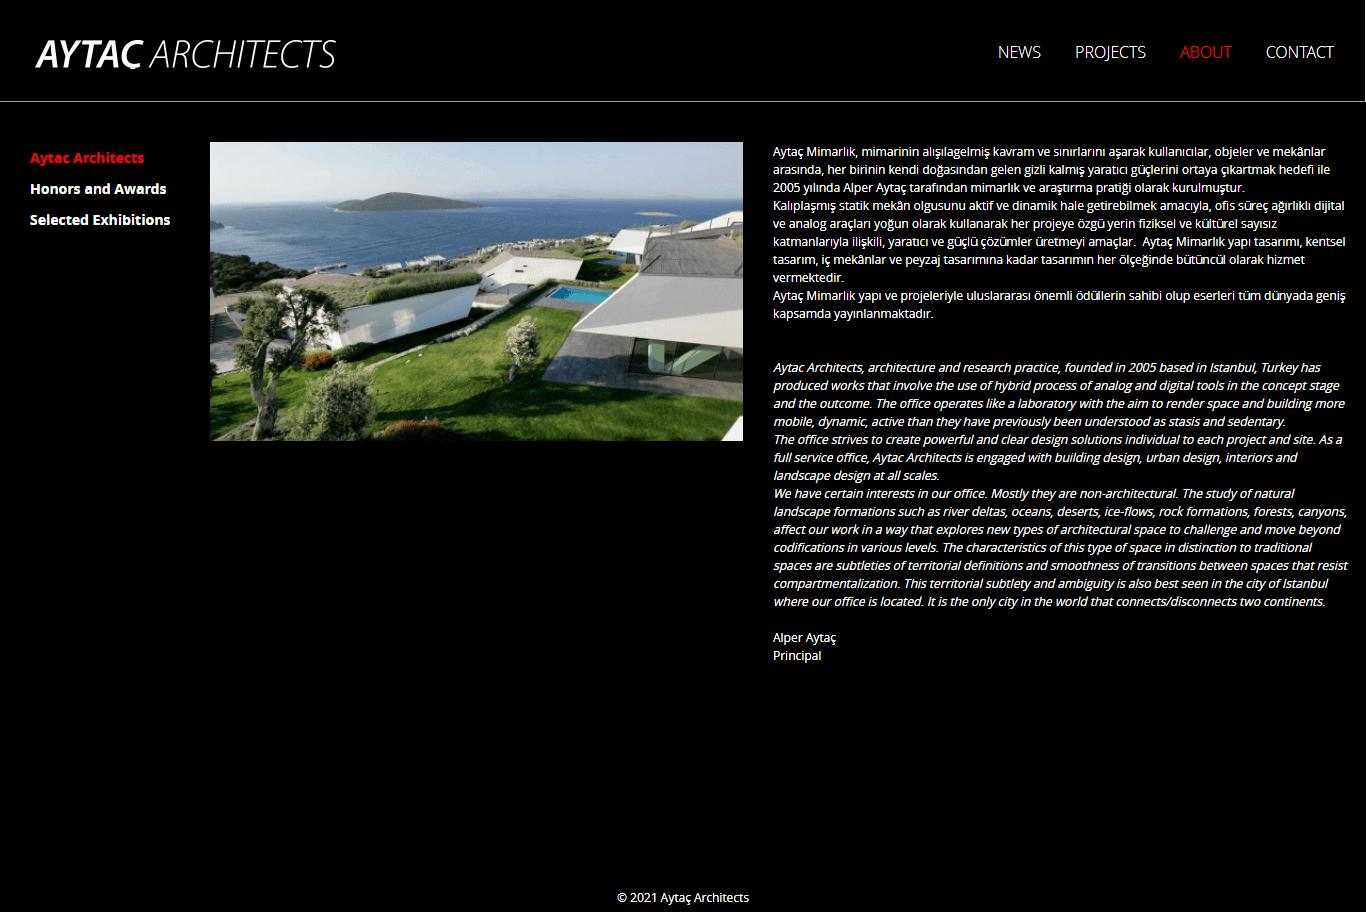 Aytaç Architects